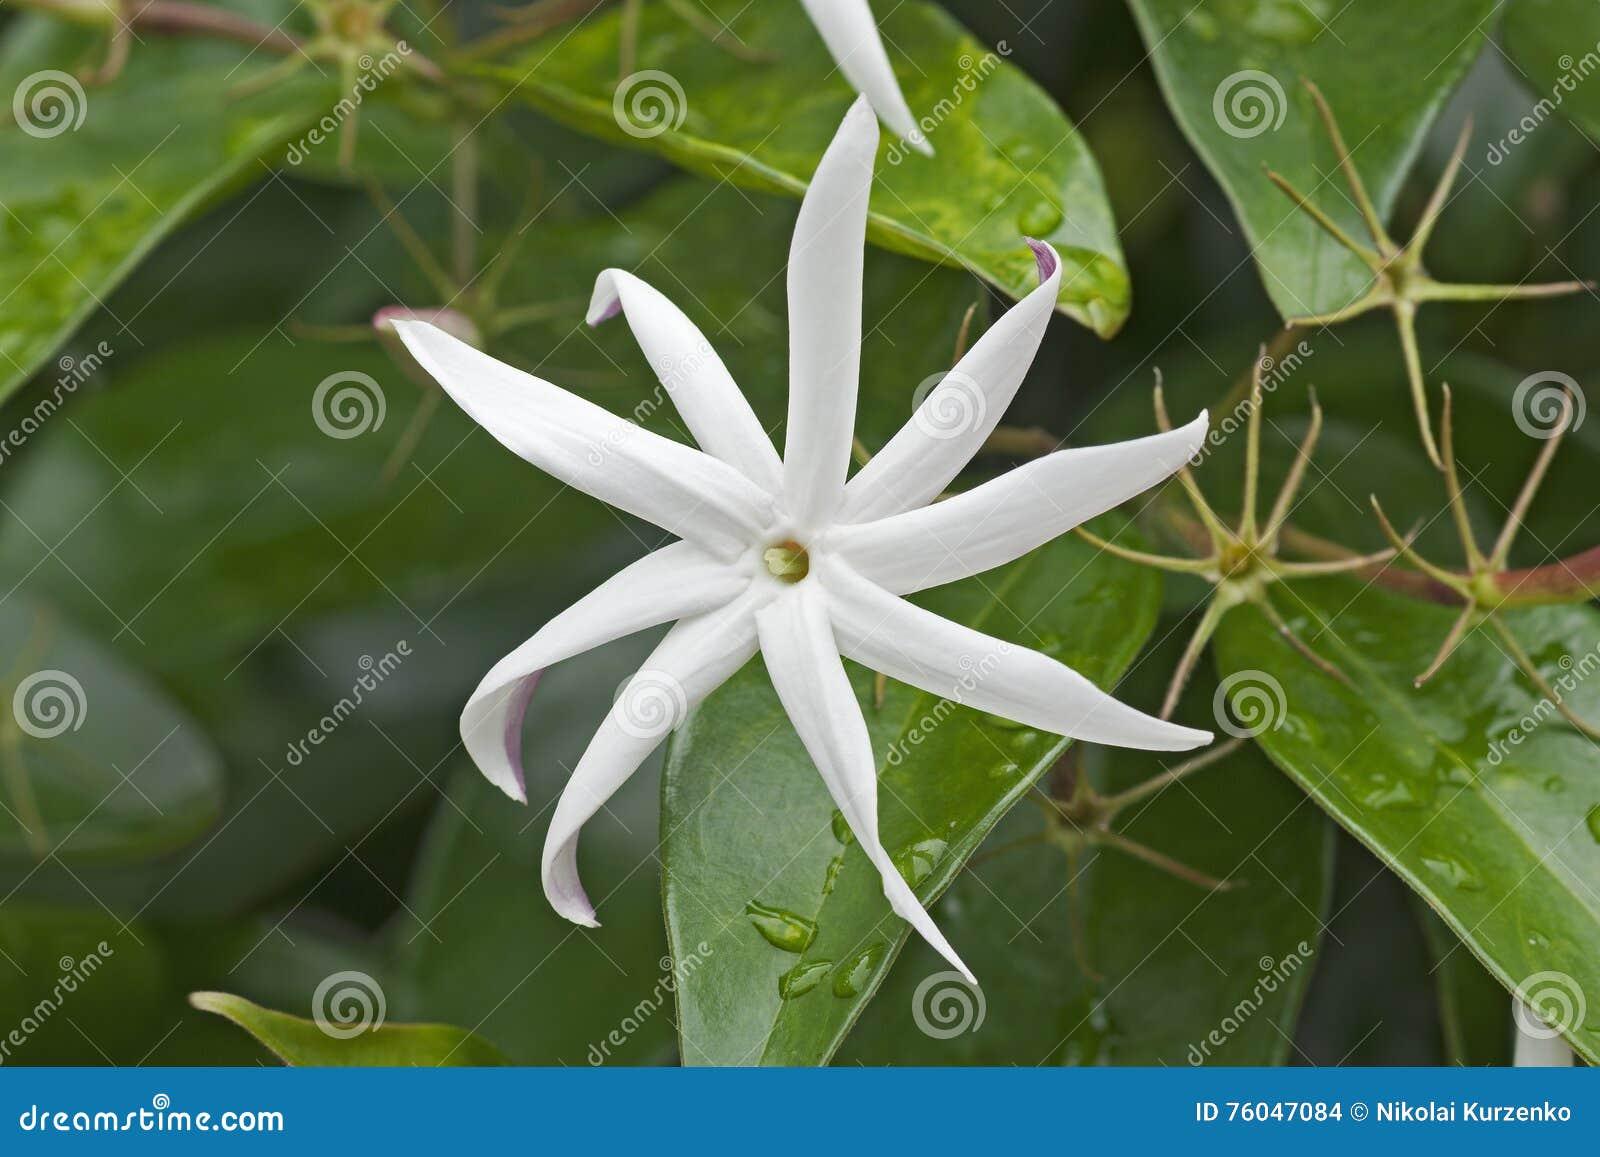 Angelwing Jasmine Flower Stock Photo Image Of Landscape 76047084